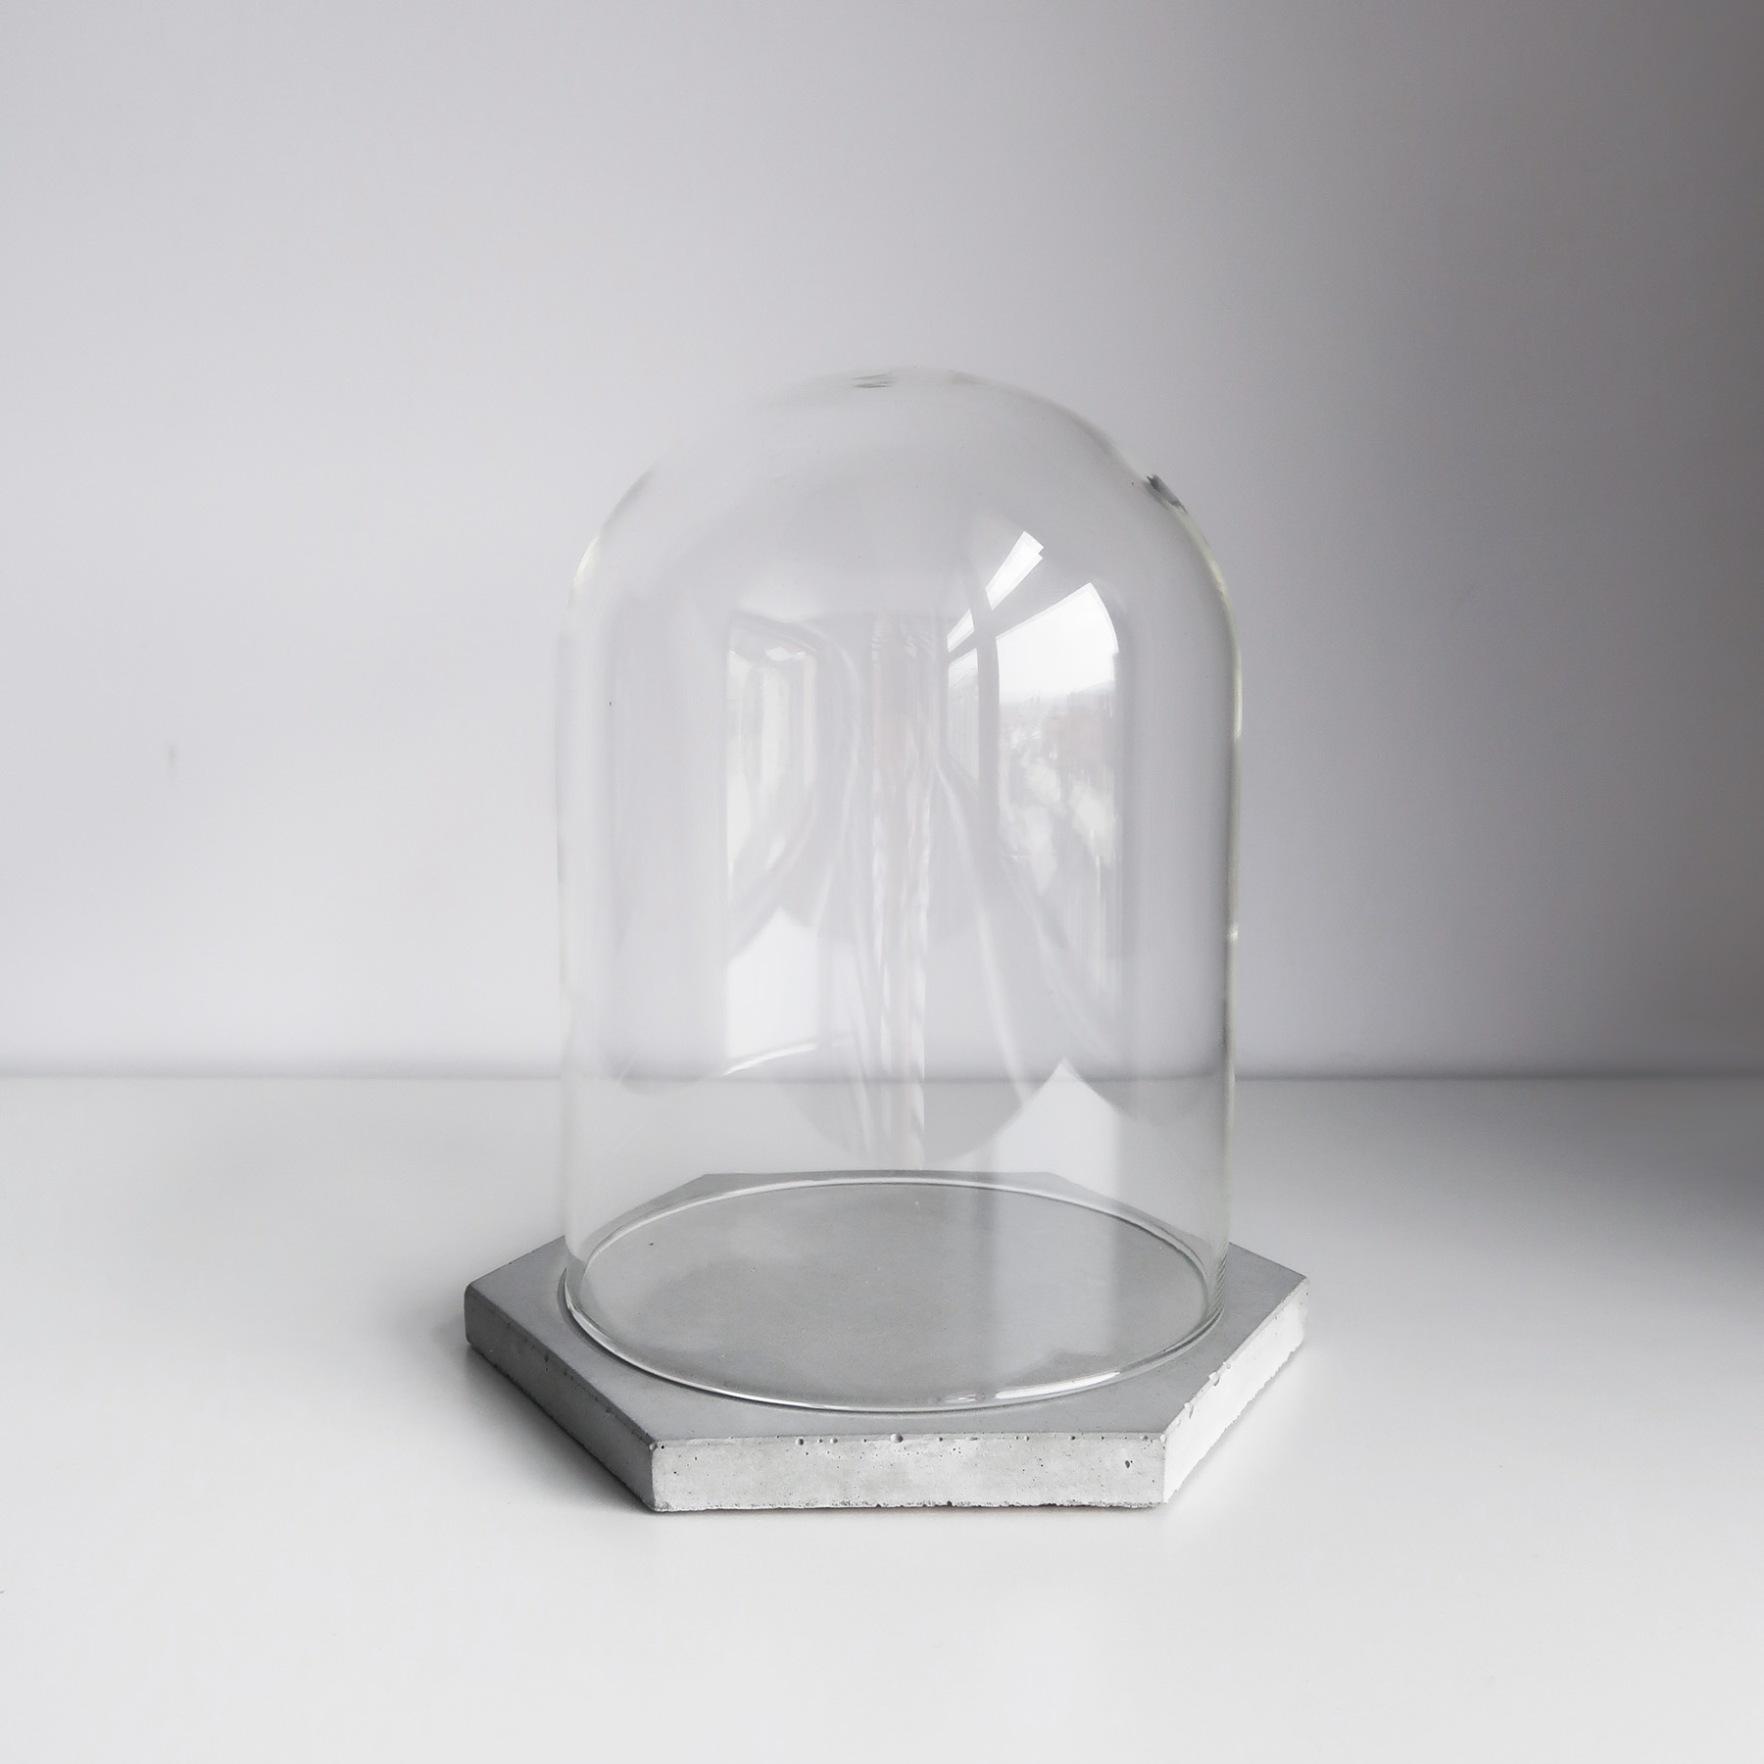 Concrete Design 六角水泥飾盤玻璃屋鐘罩